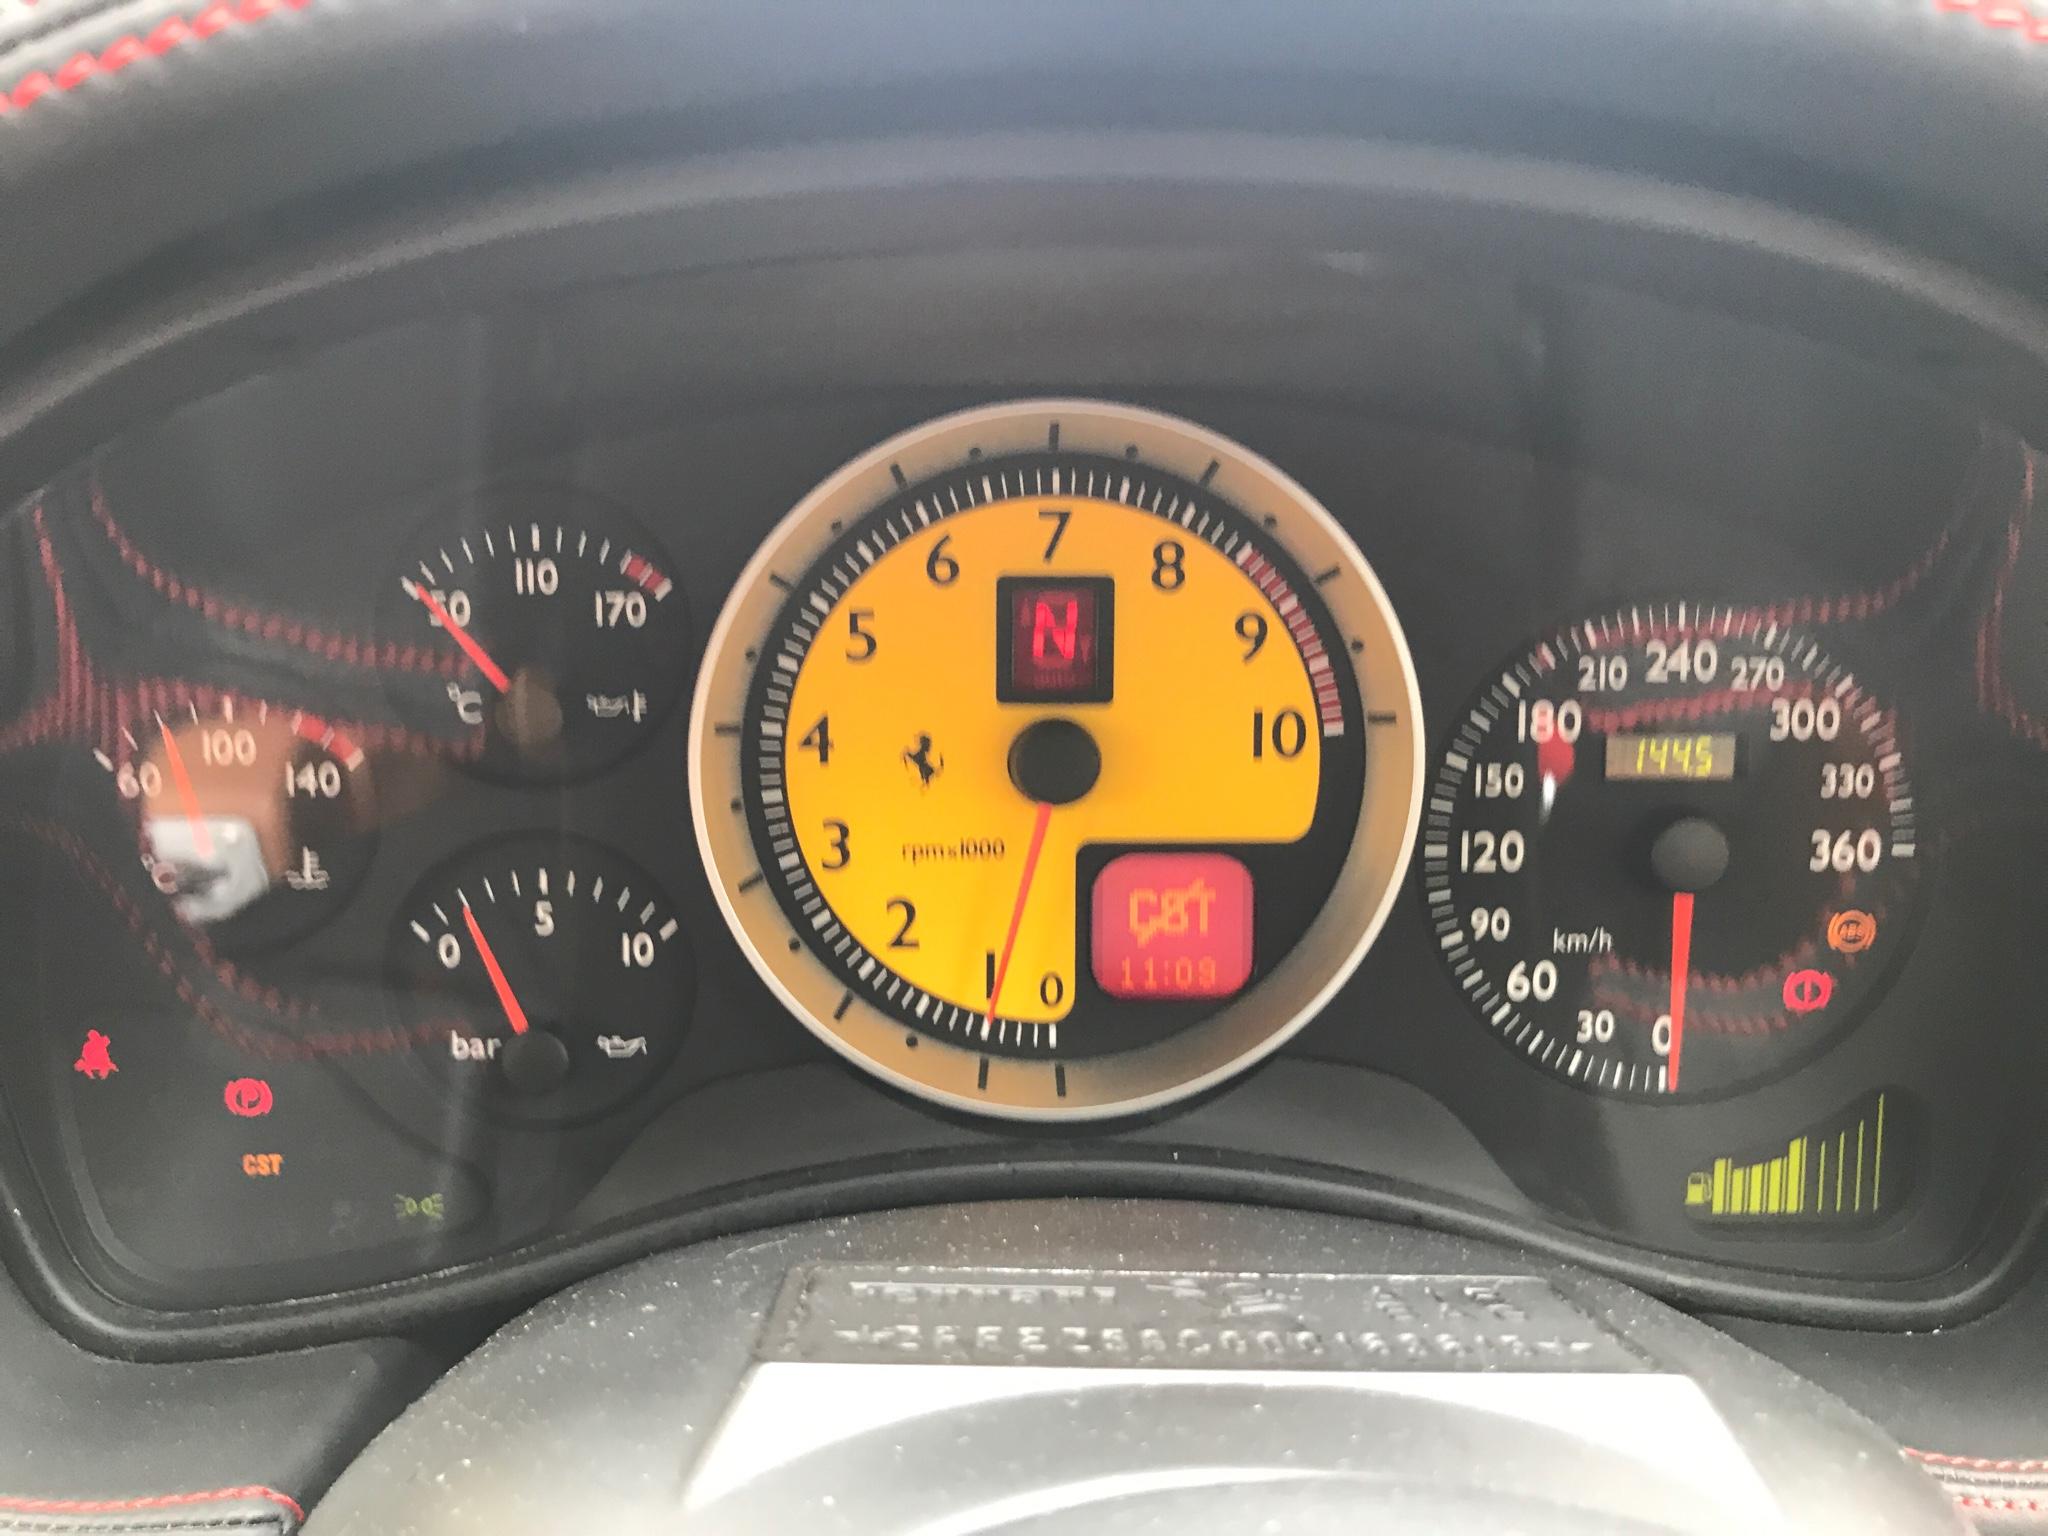 Ferrari F430 having this problem CST